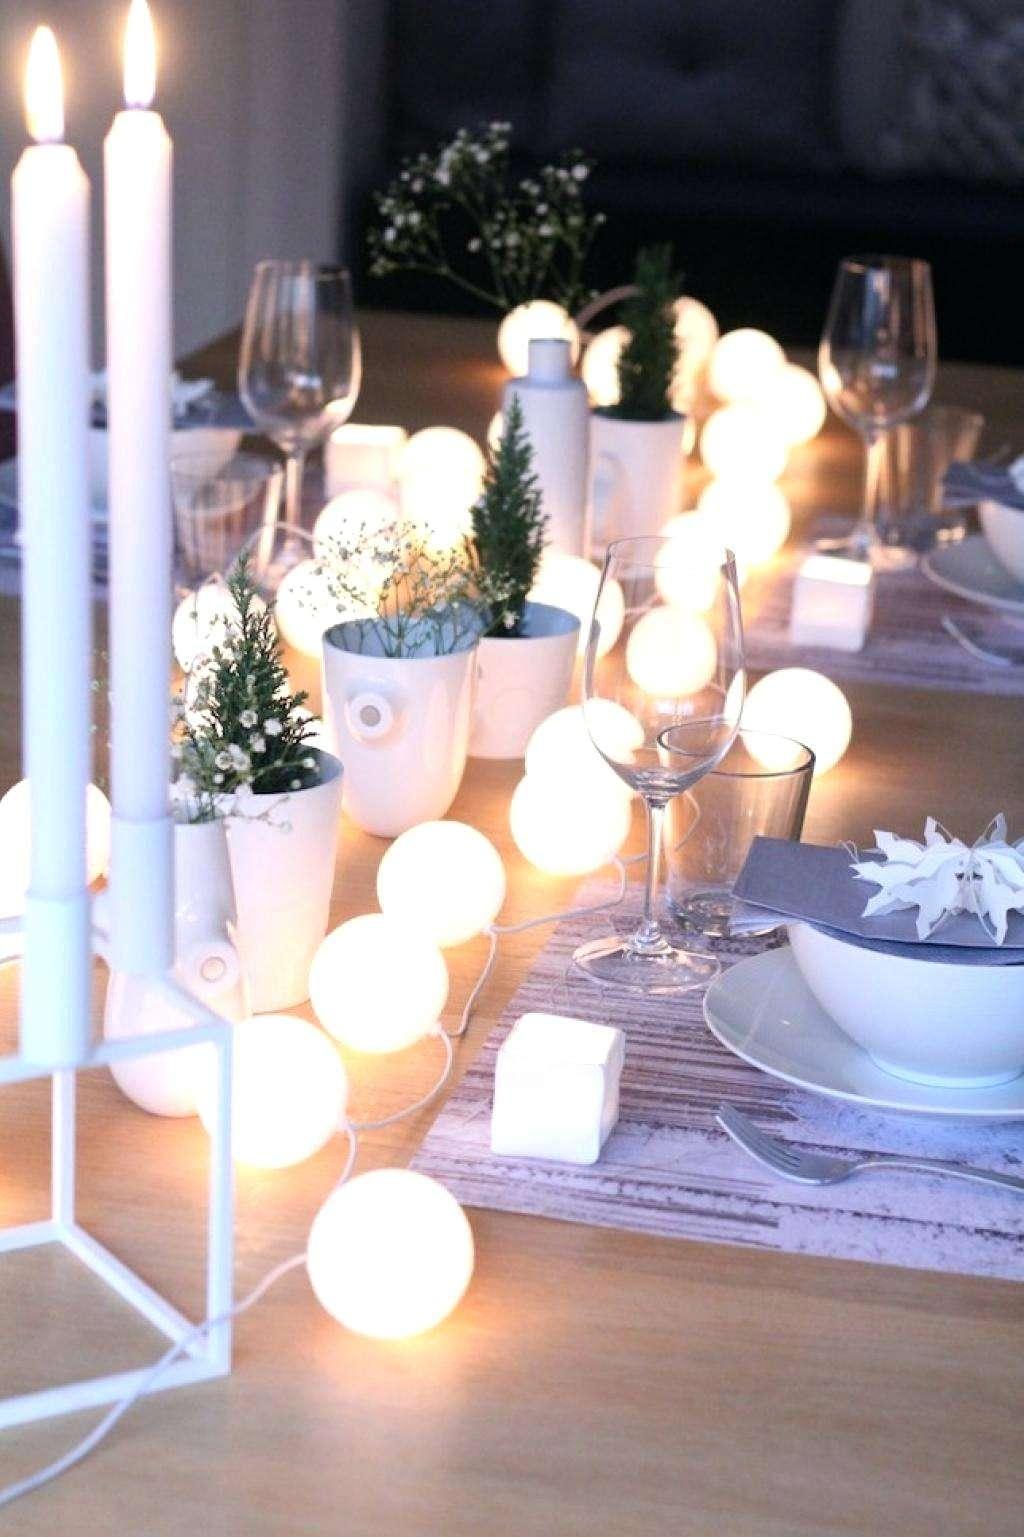 decoración de Navidad - guirnaldas luminosas